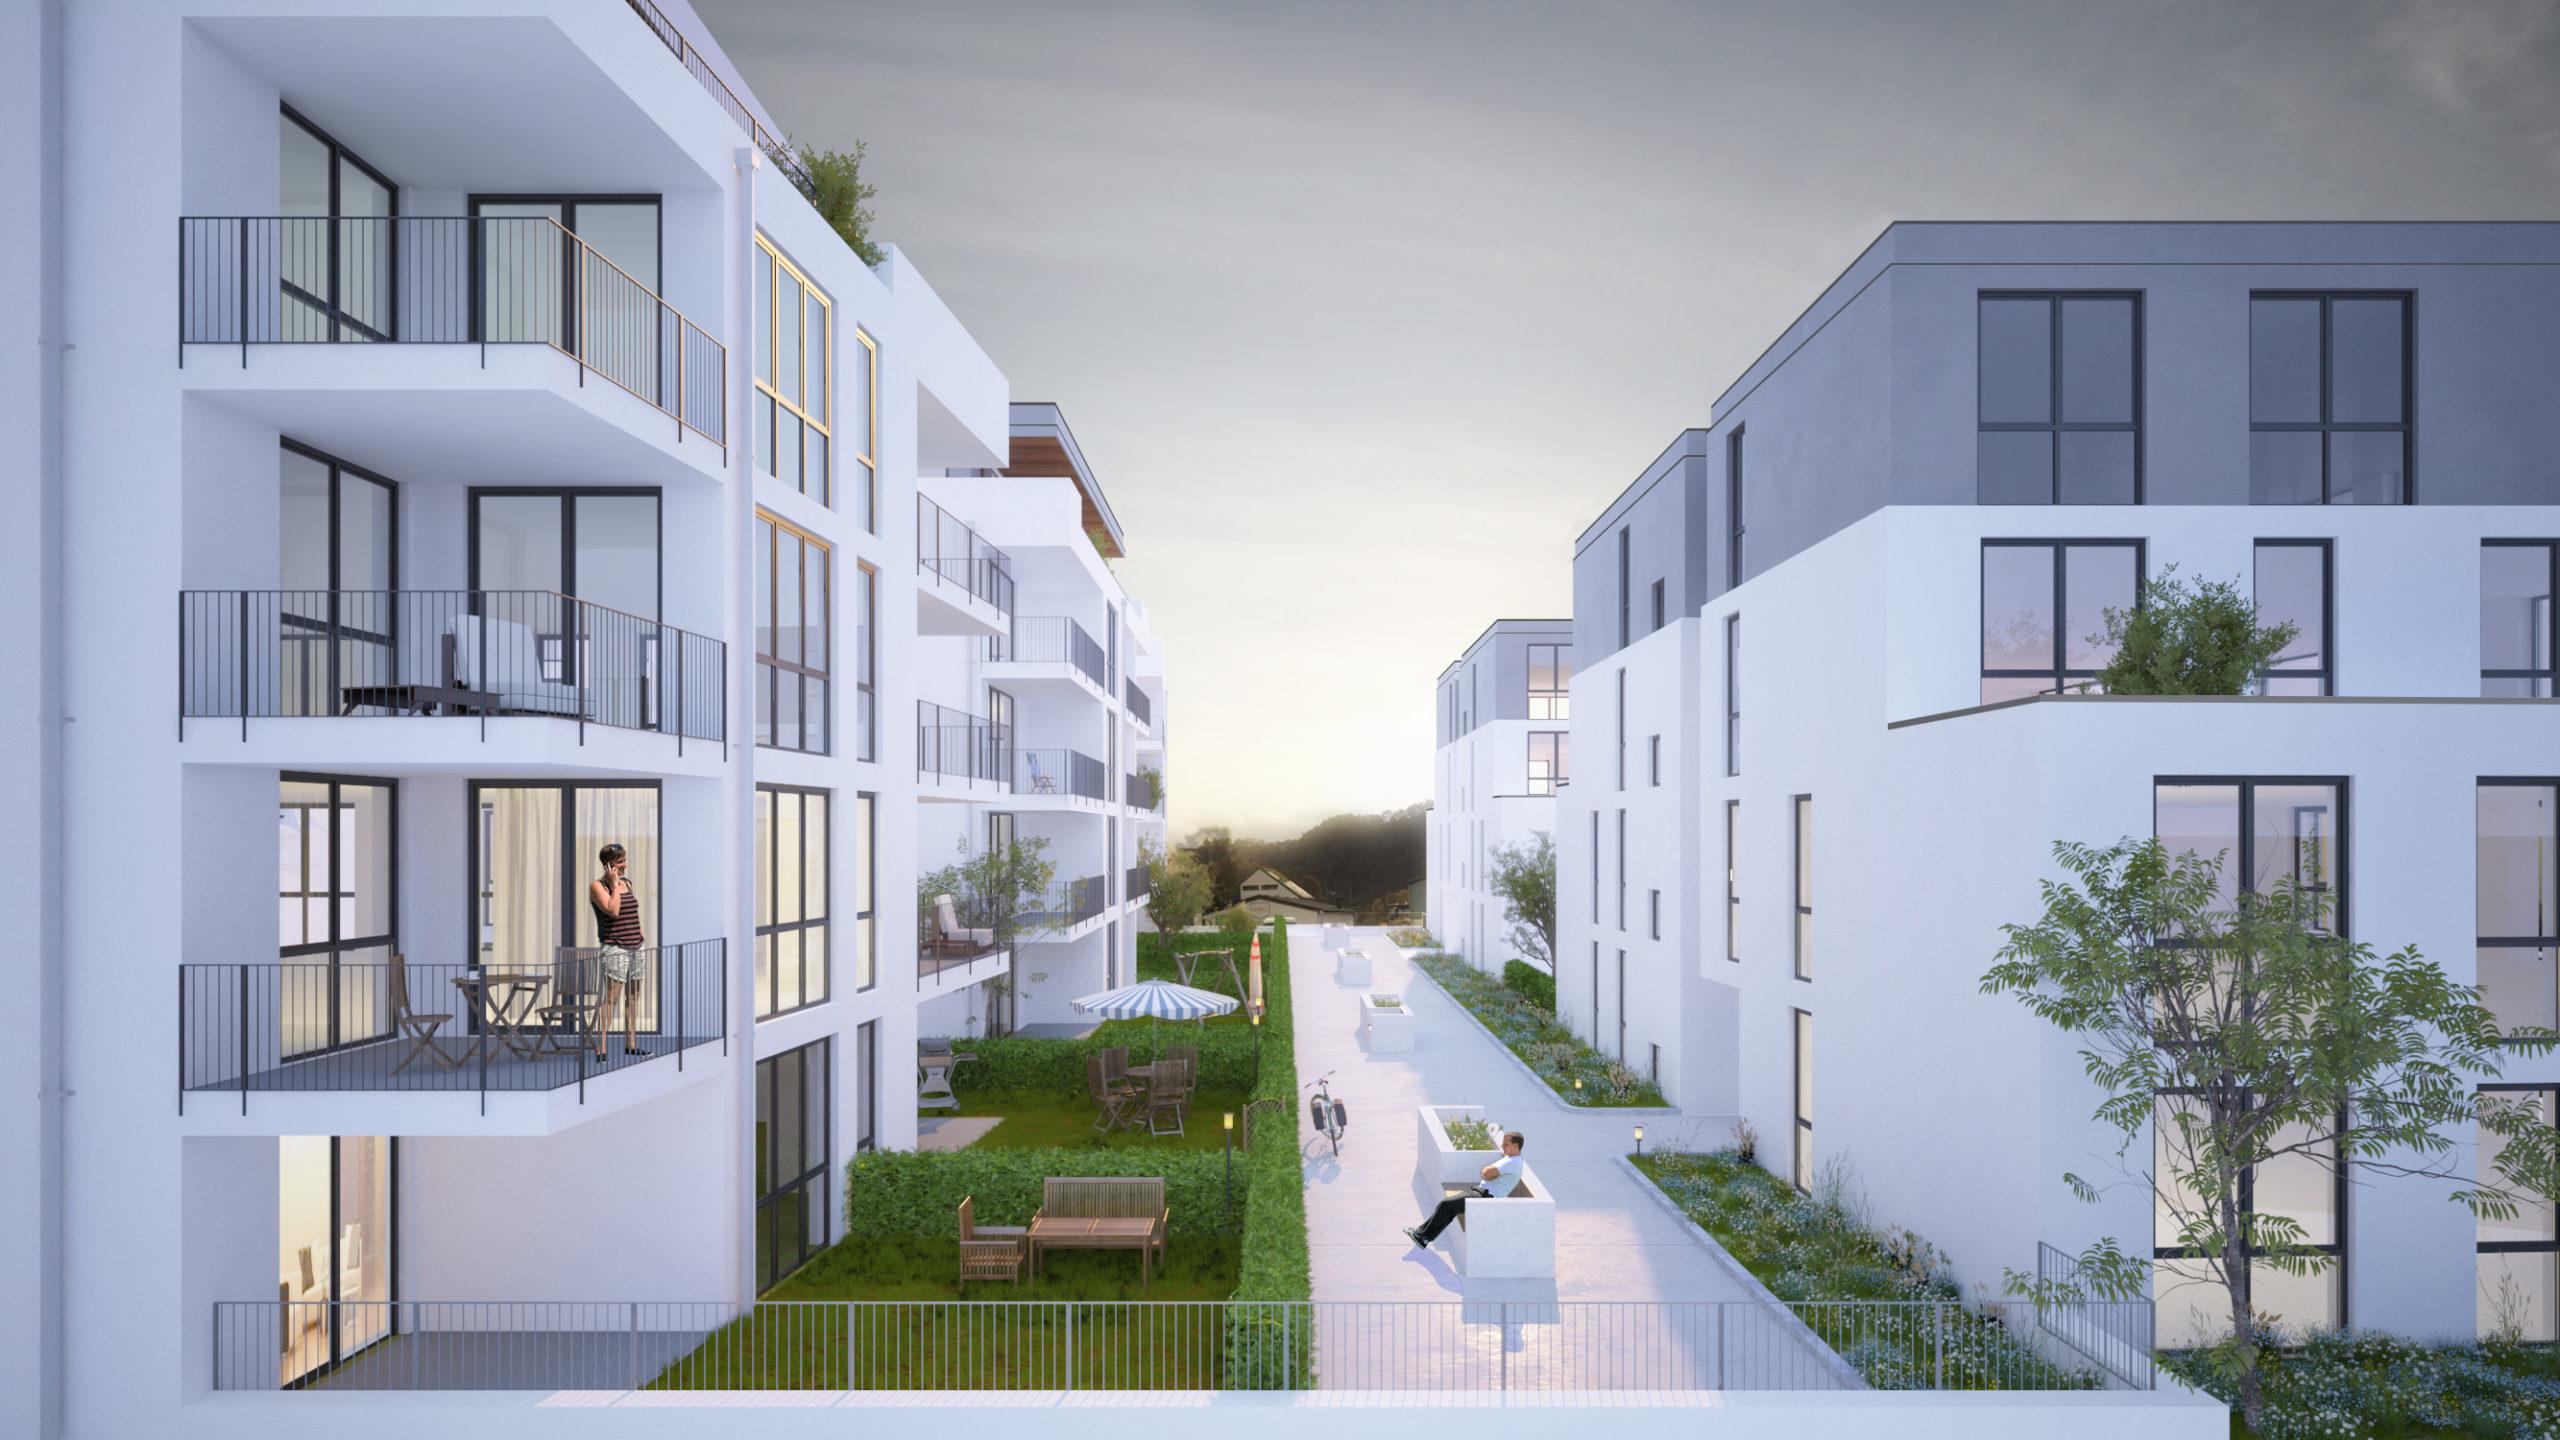 Wohnanlage, Bullay Neubau Visualisierung Außenansicht